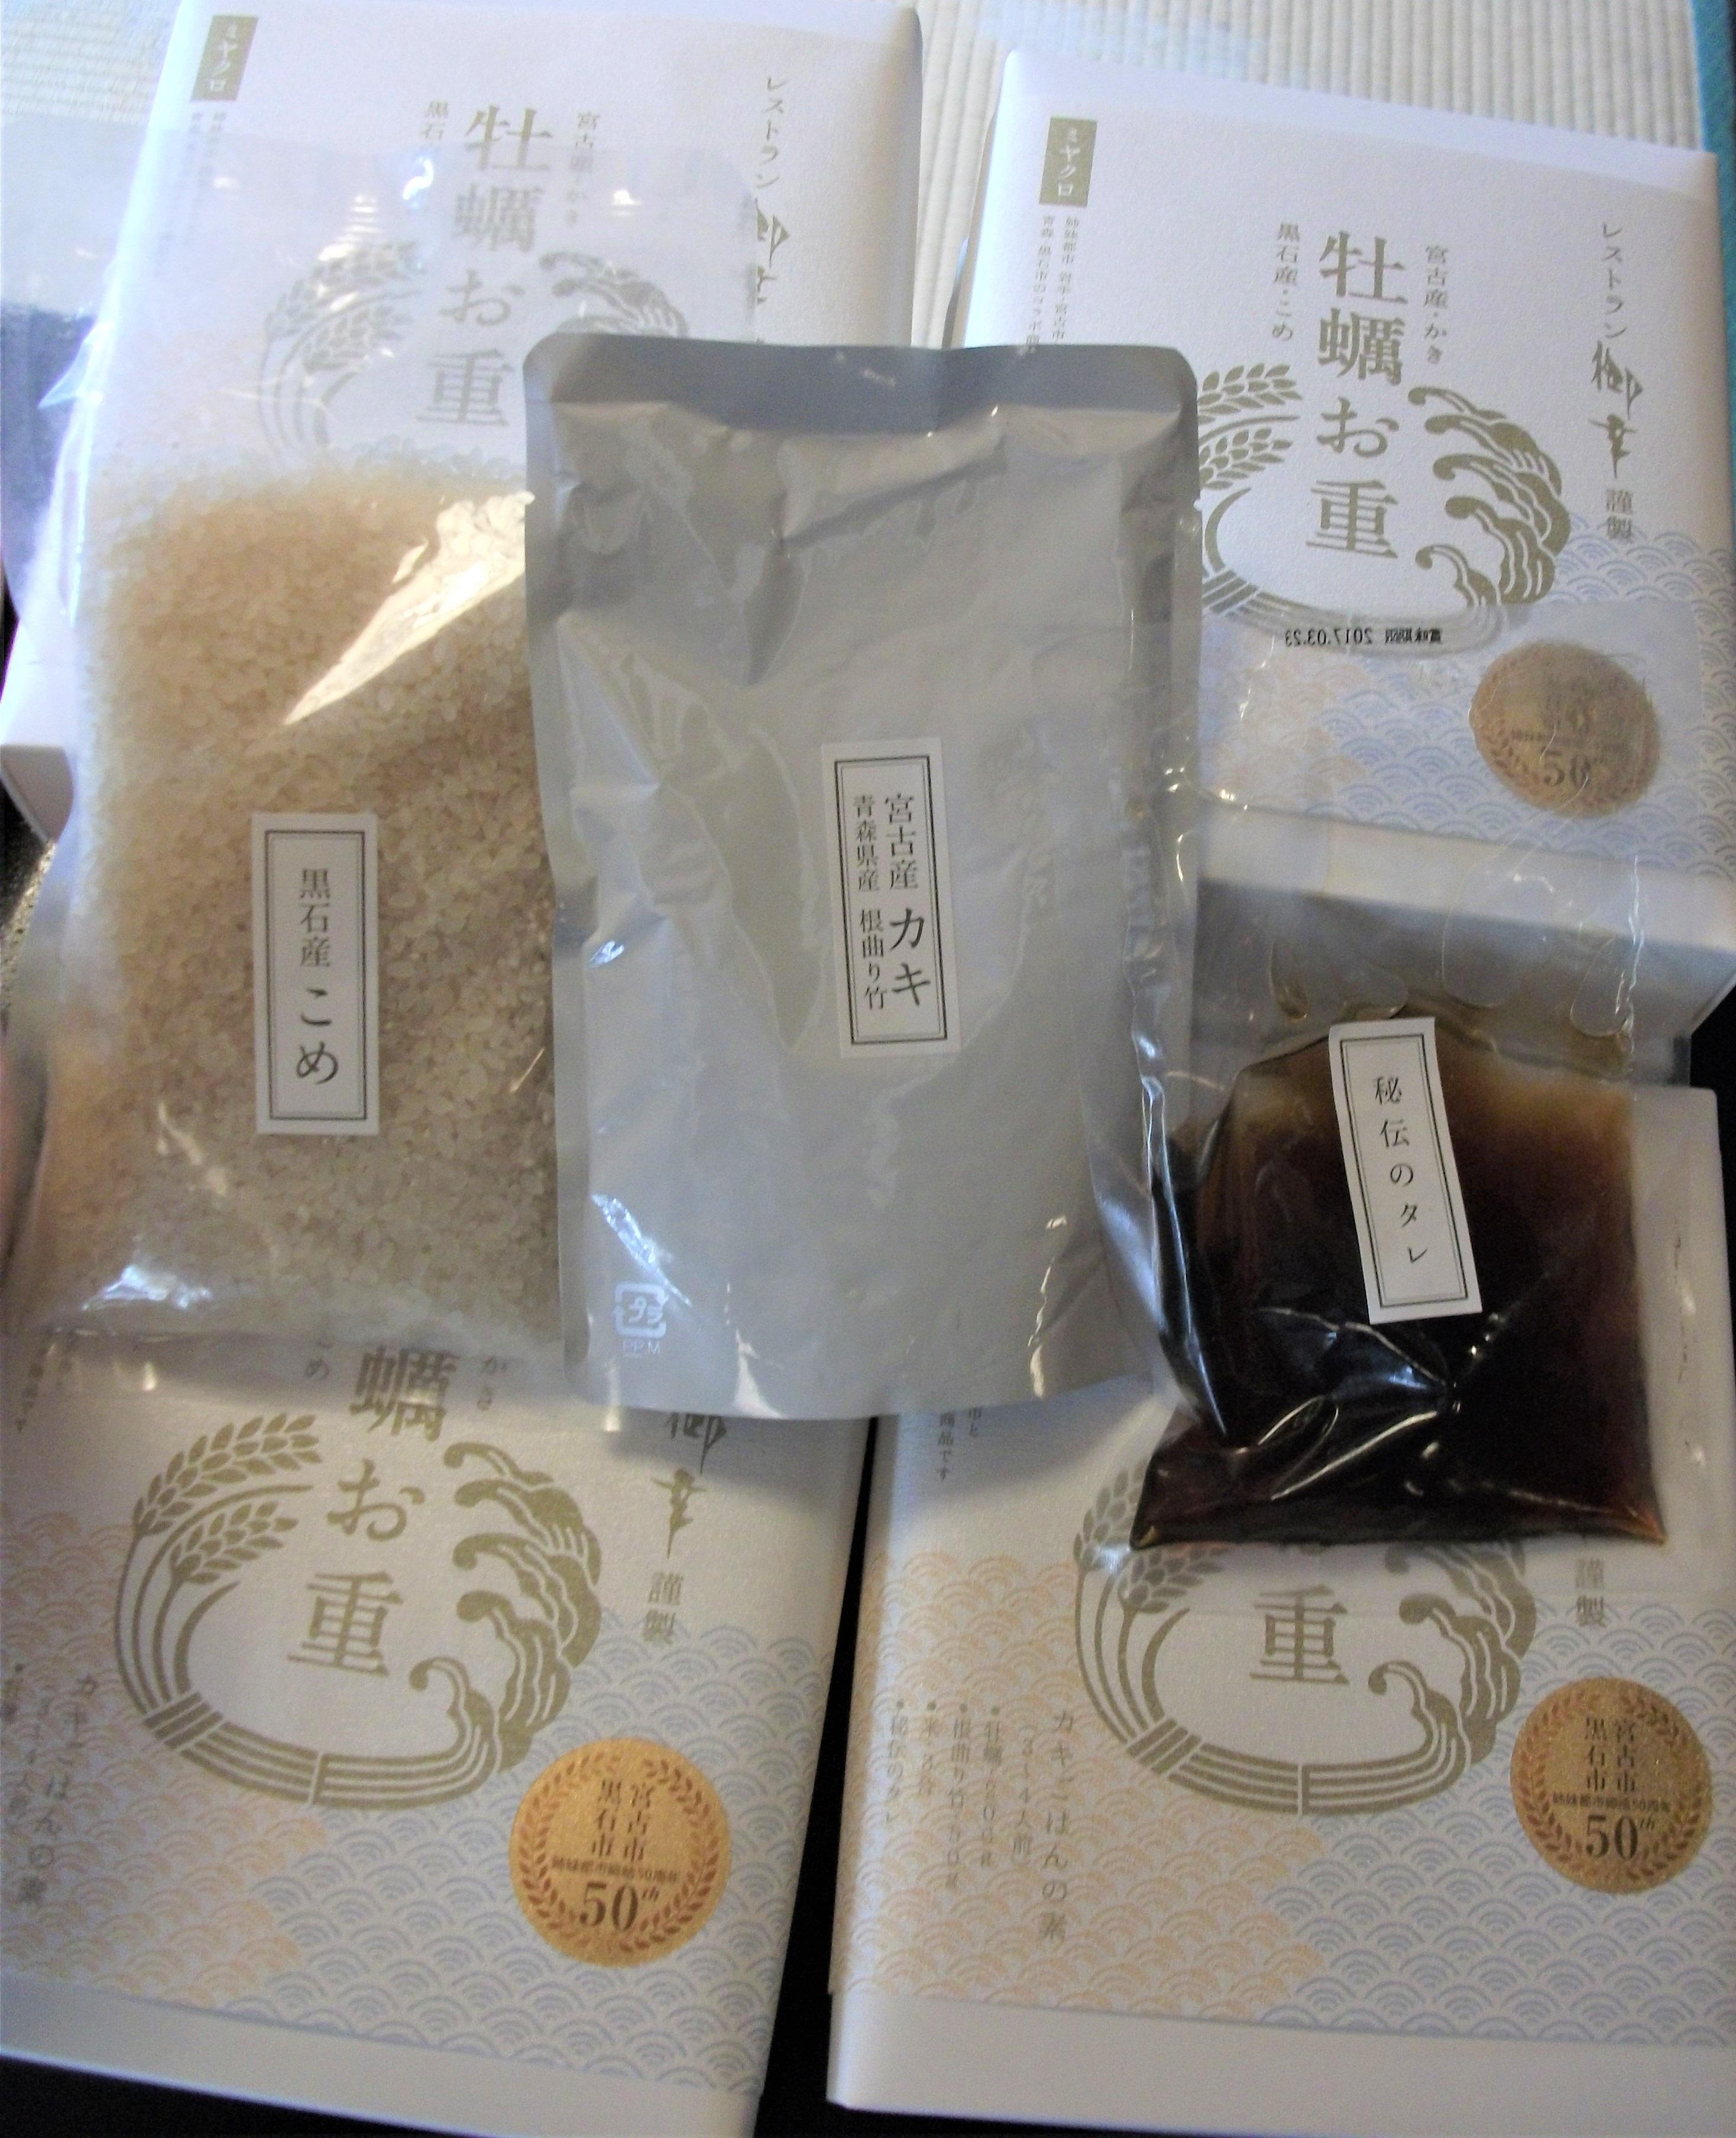 「牡蠣お重」には黒石産のお米(左)宮古産の牡蠣(中央)秘伝のタレ(右)が入っています。